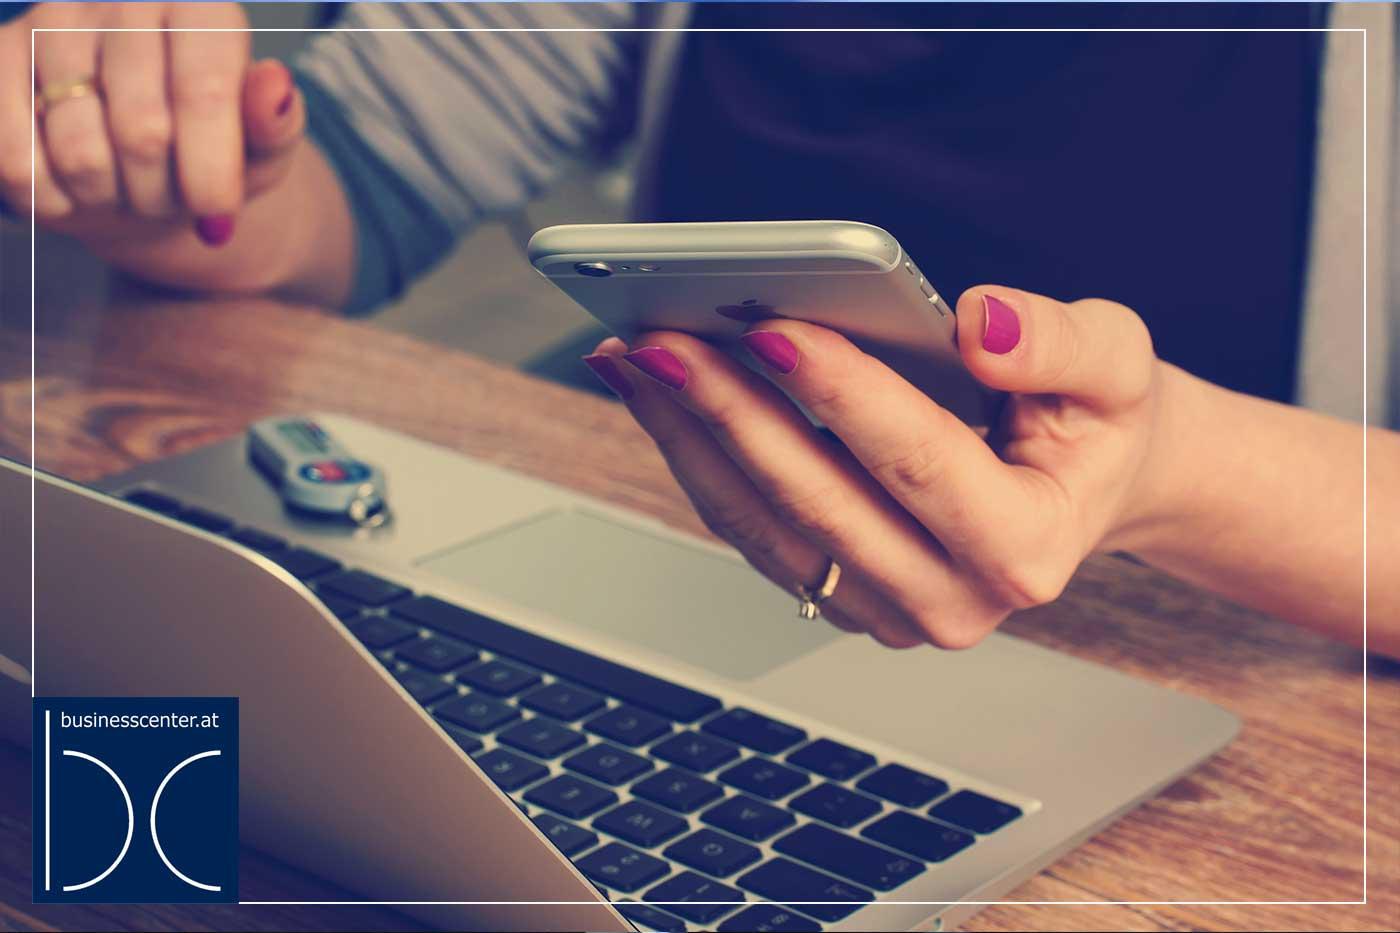 Virtuelles Büro: Starker Auftritt zu niedrigen Kosten